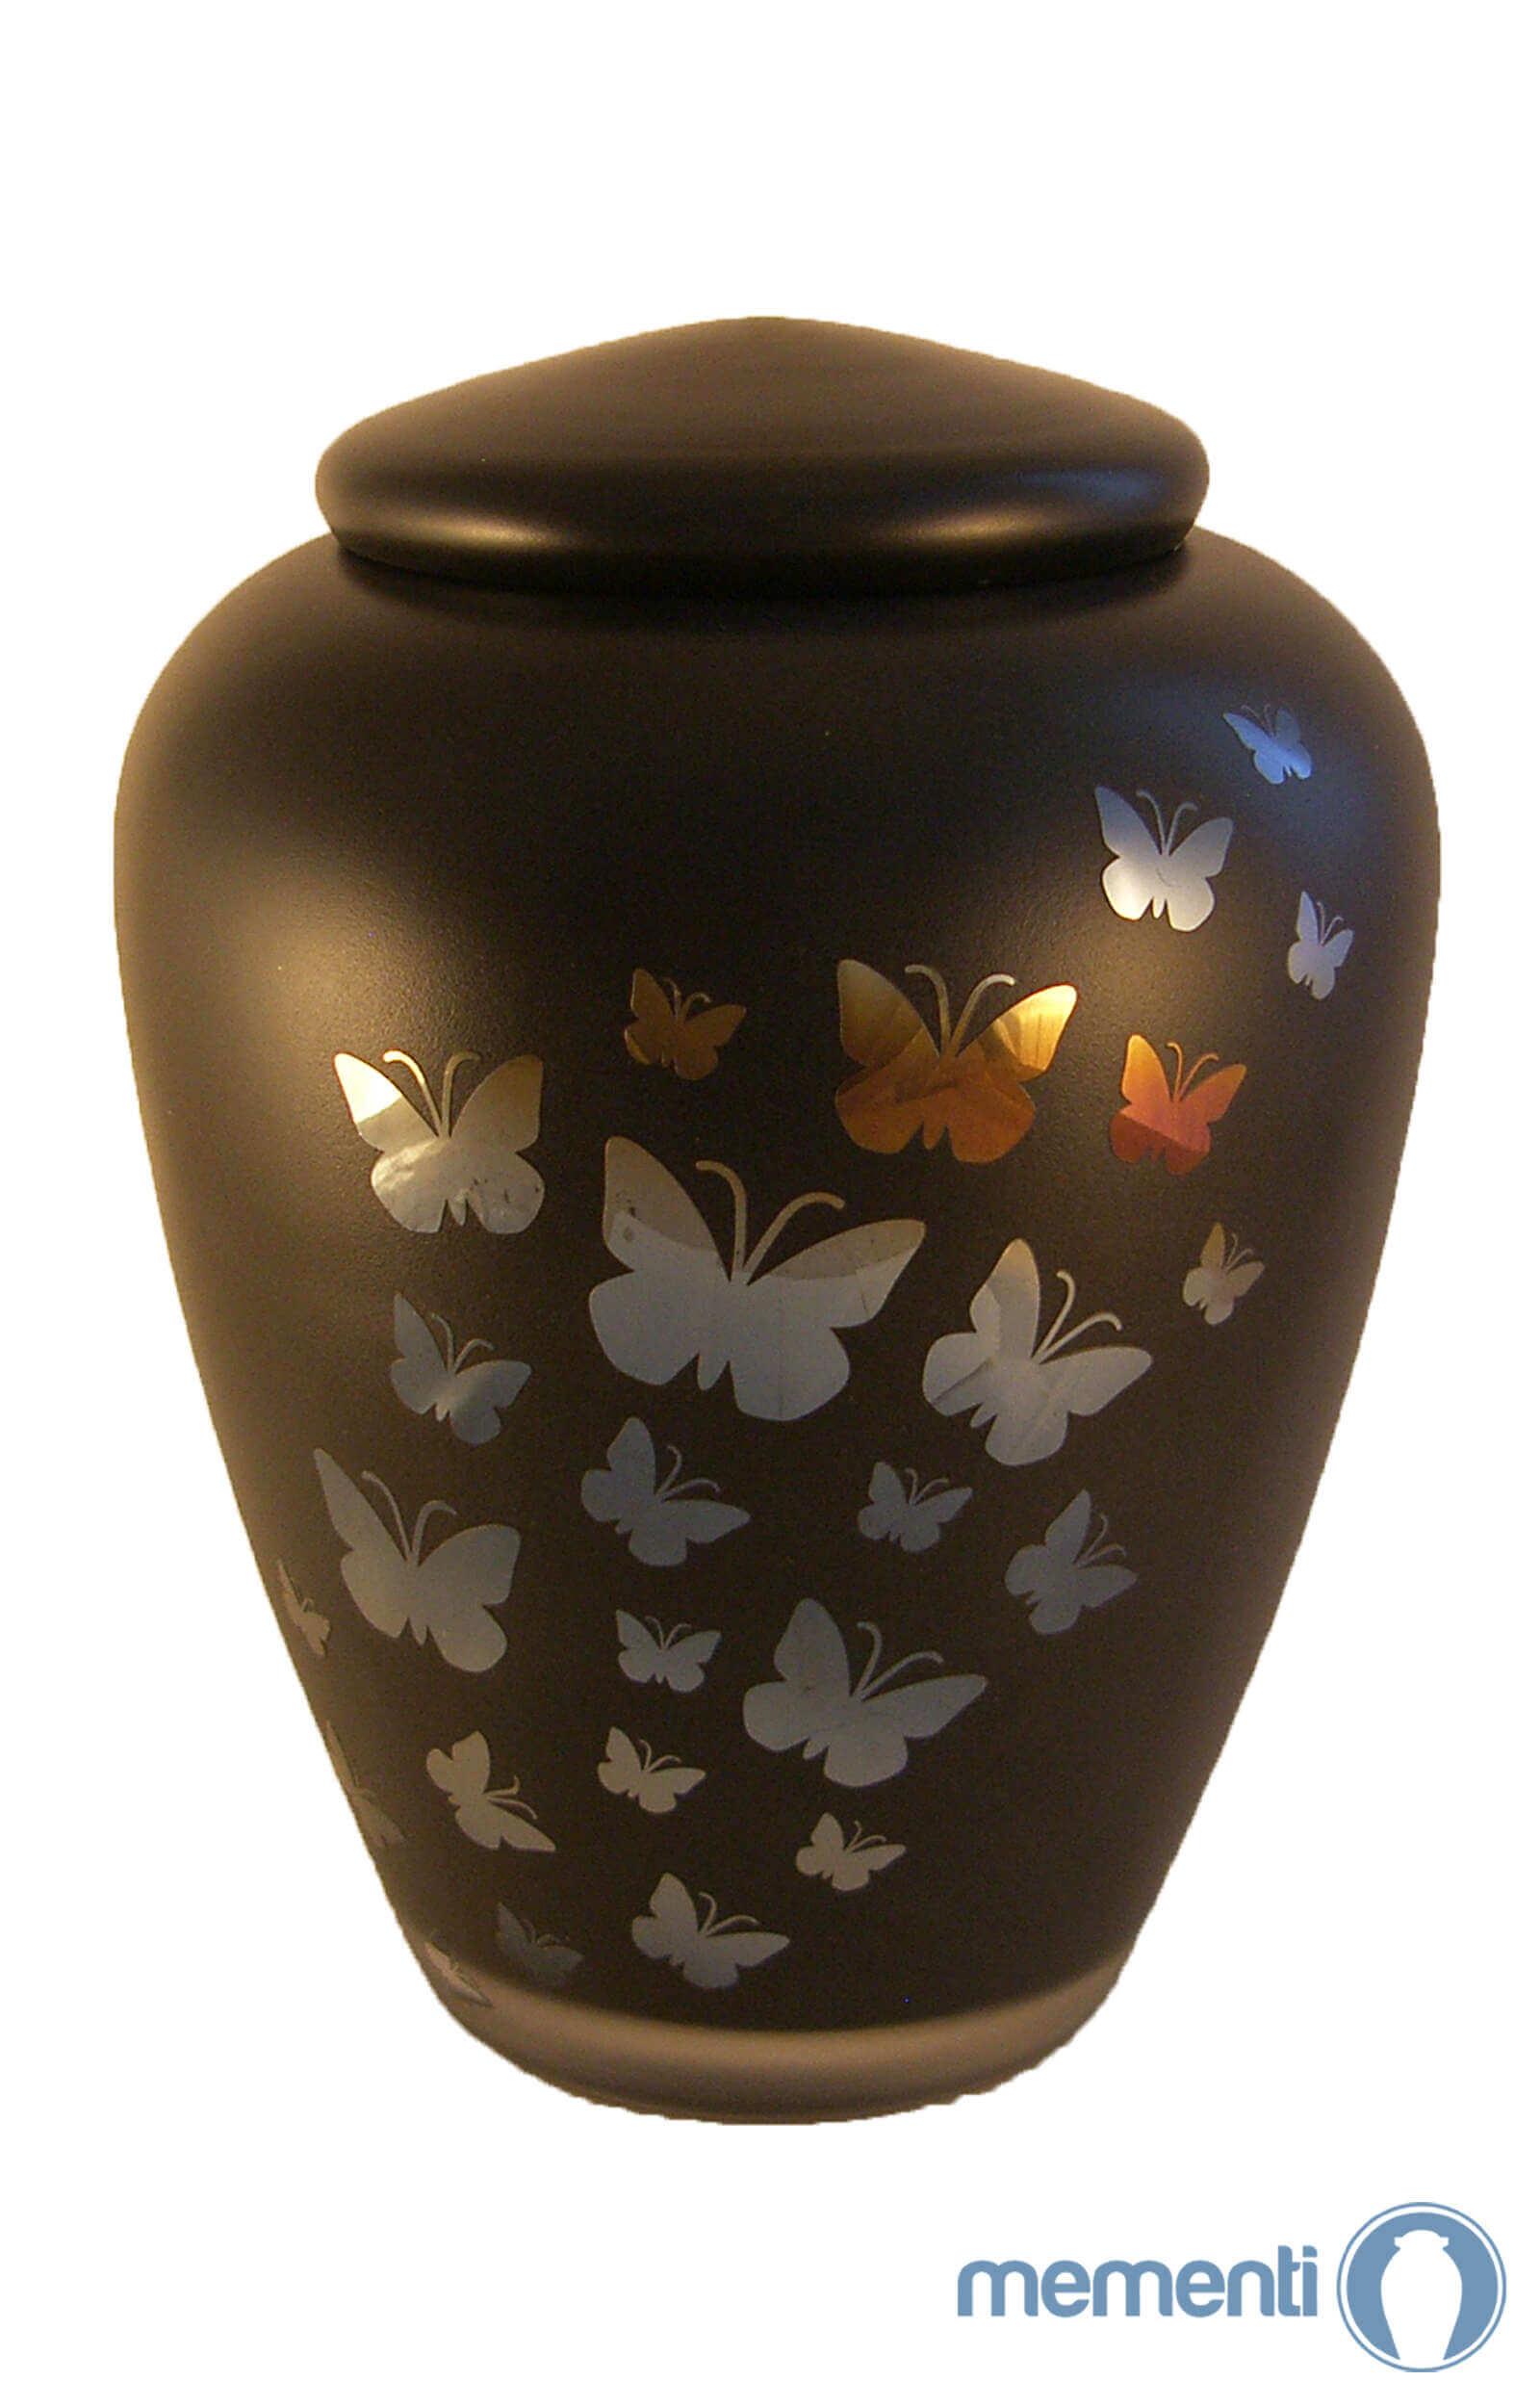 en G05 brown butterflies glass urn